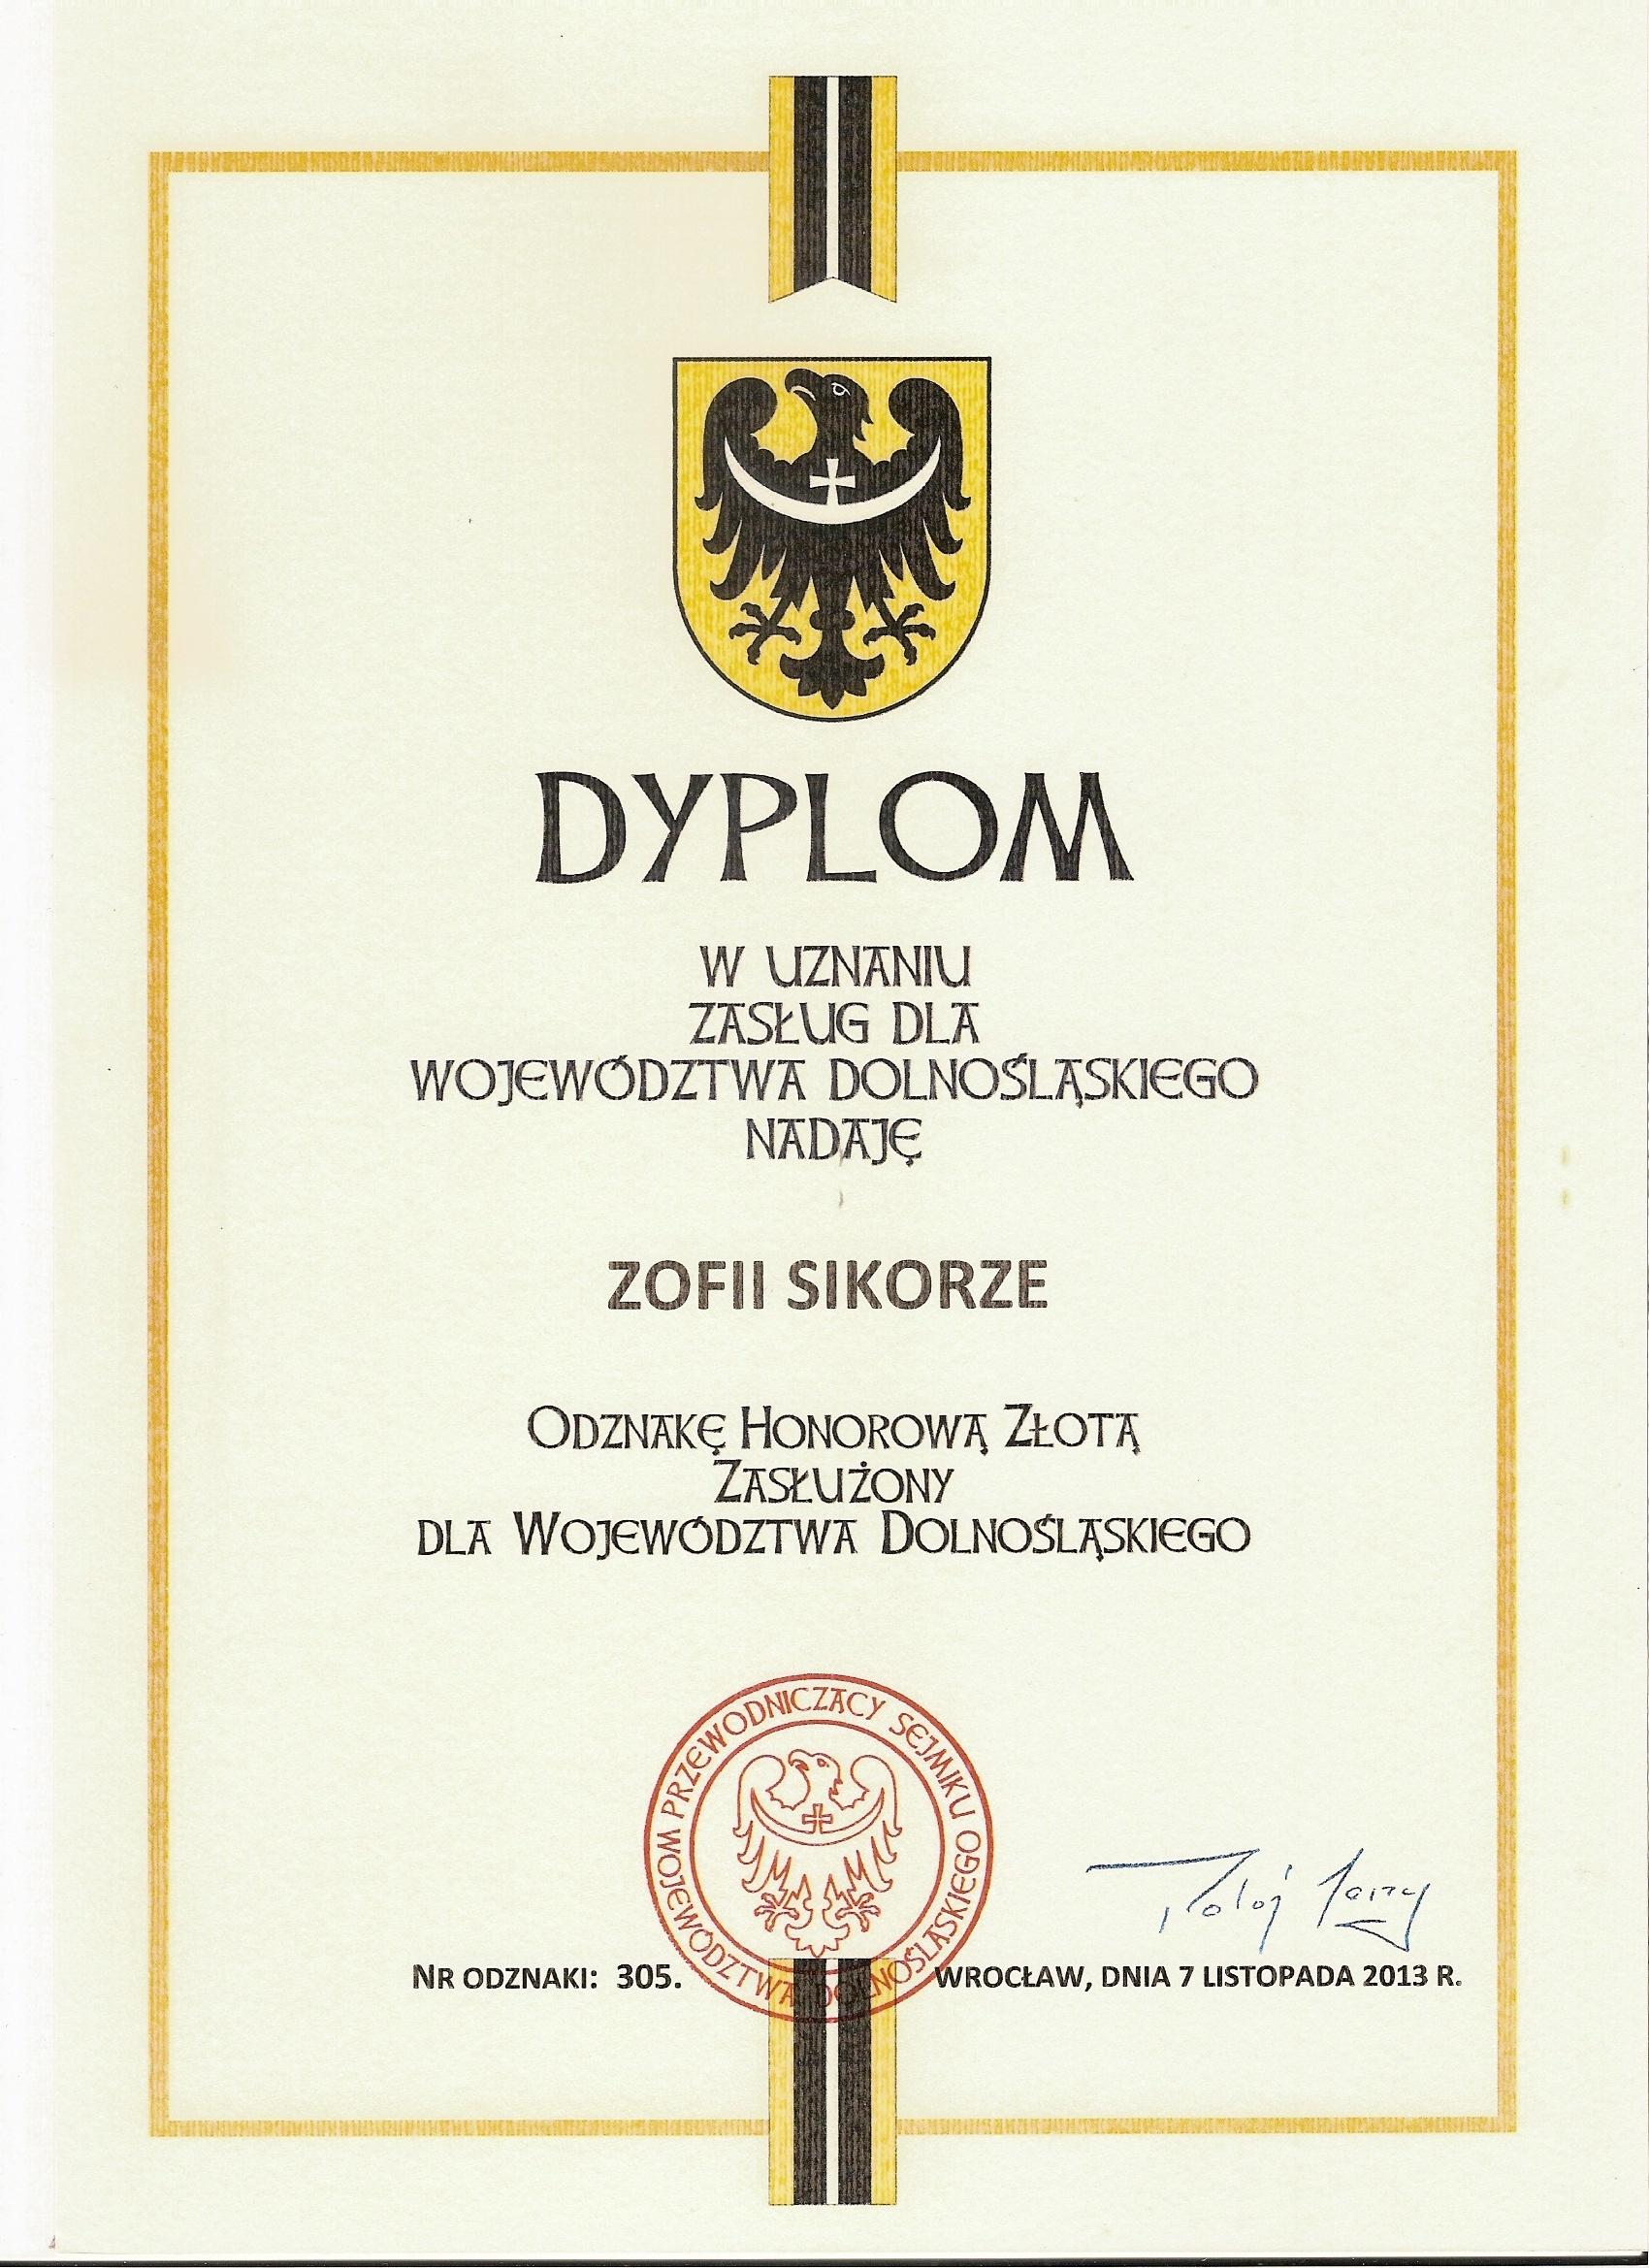 Dyplom dla Zofii Sikory – Zasłużony dla Woj. Dolnośląskiego